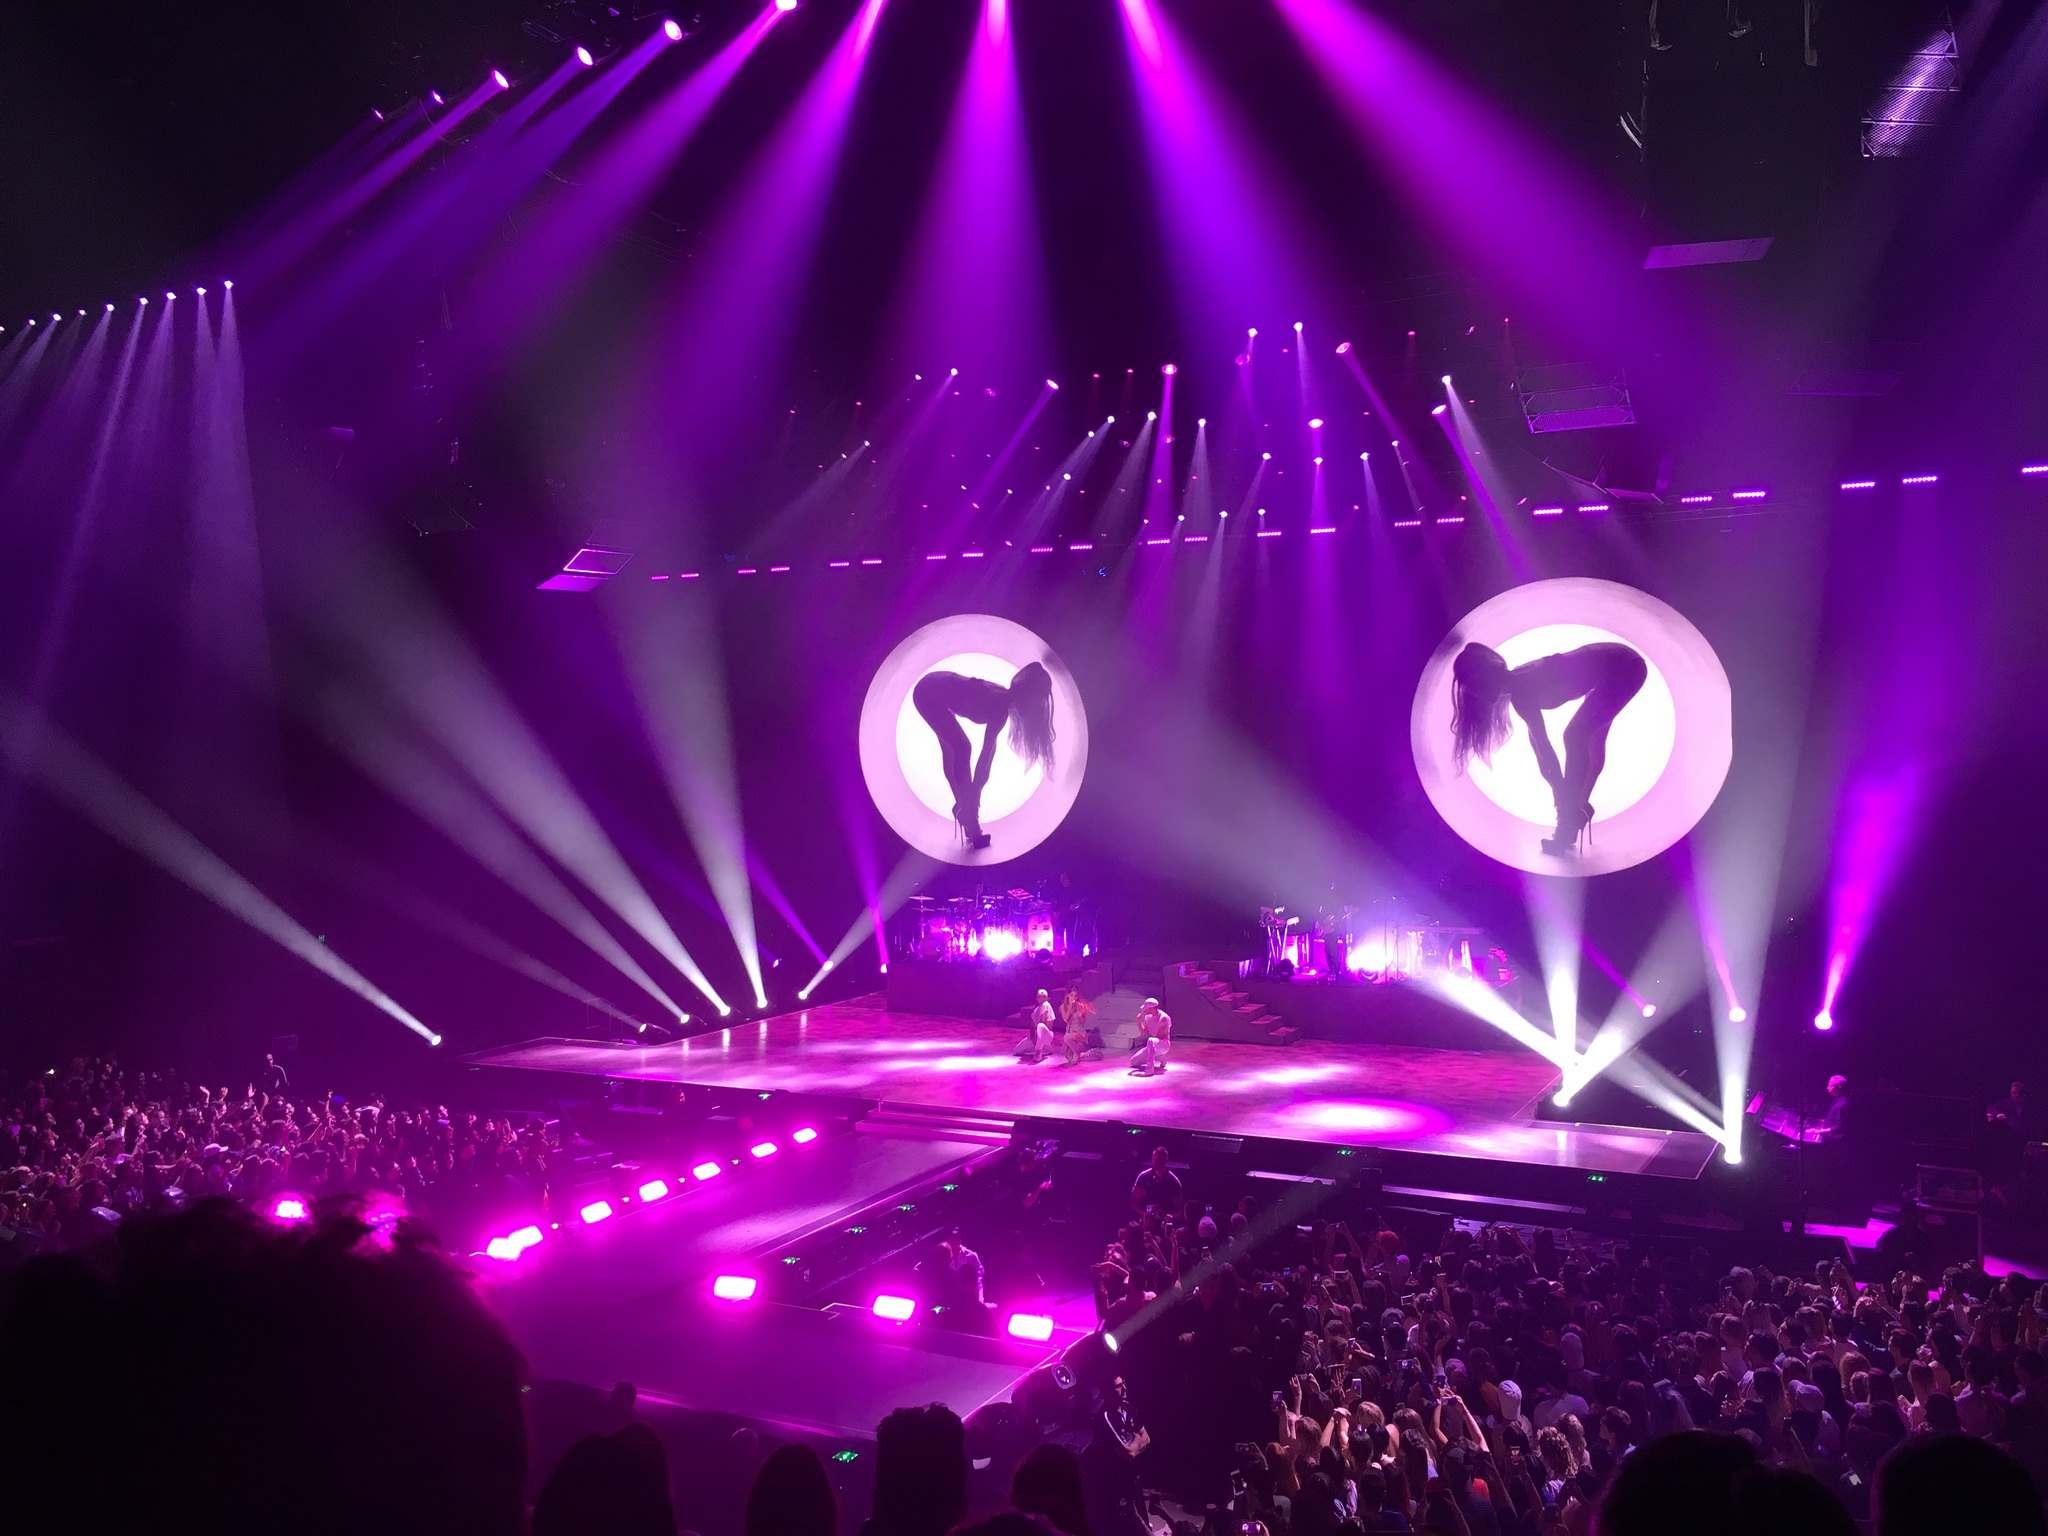 ariana grande3 Ariana Grande   Dangerous Woman Tour in Sydney, Australia